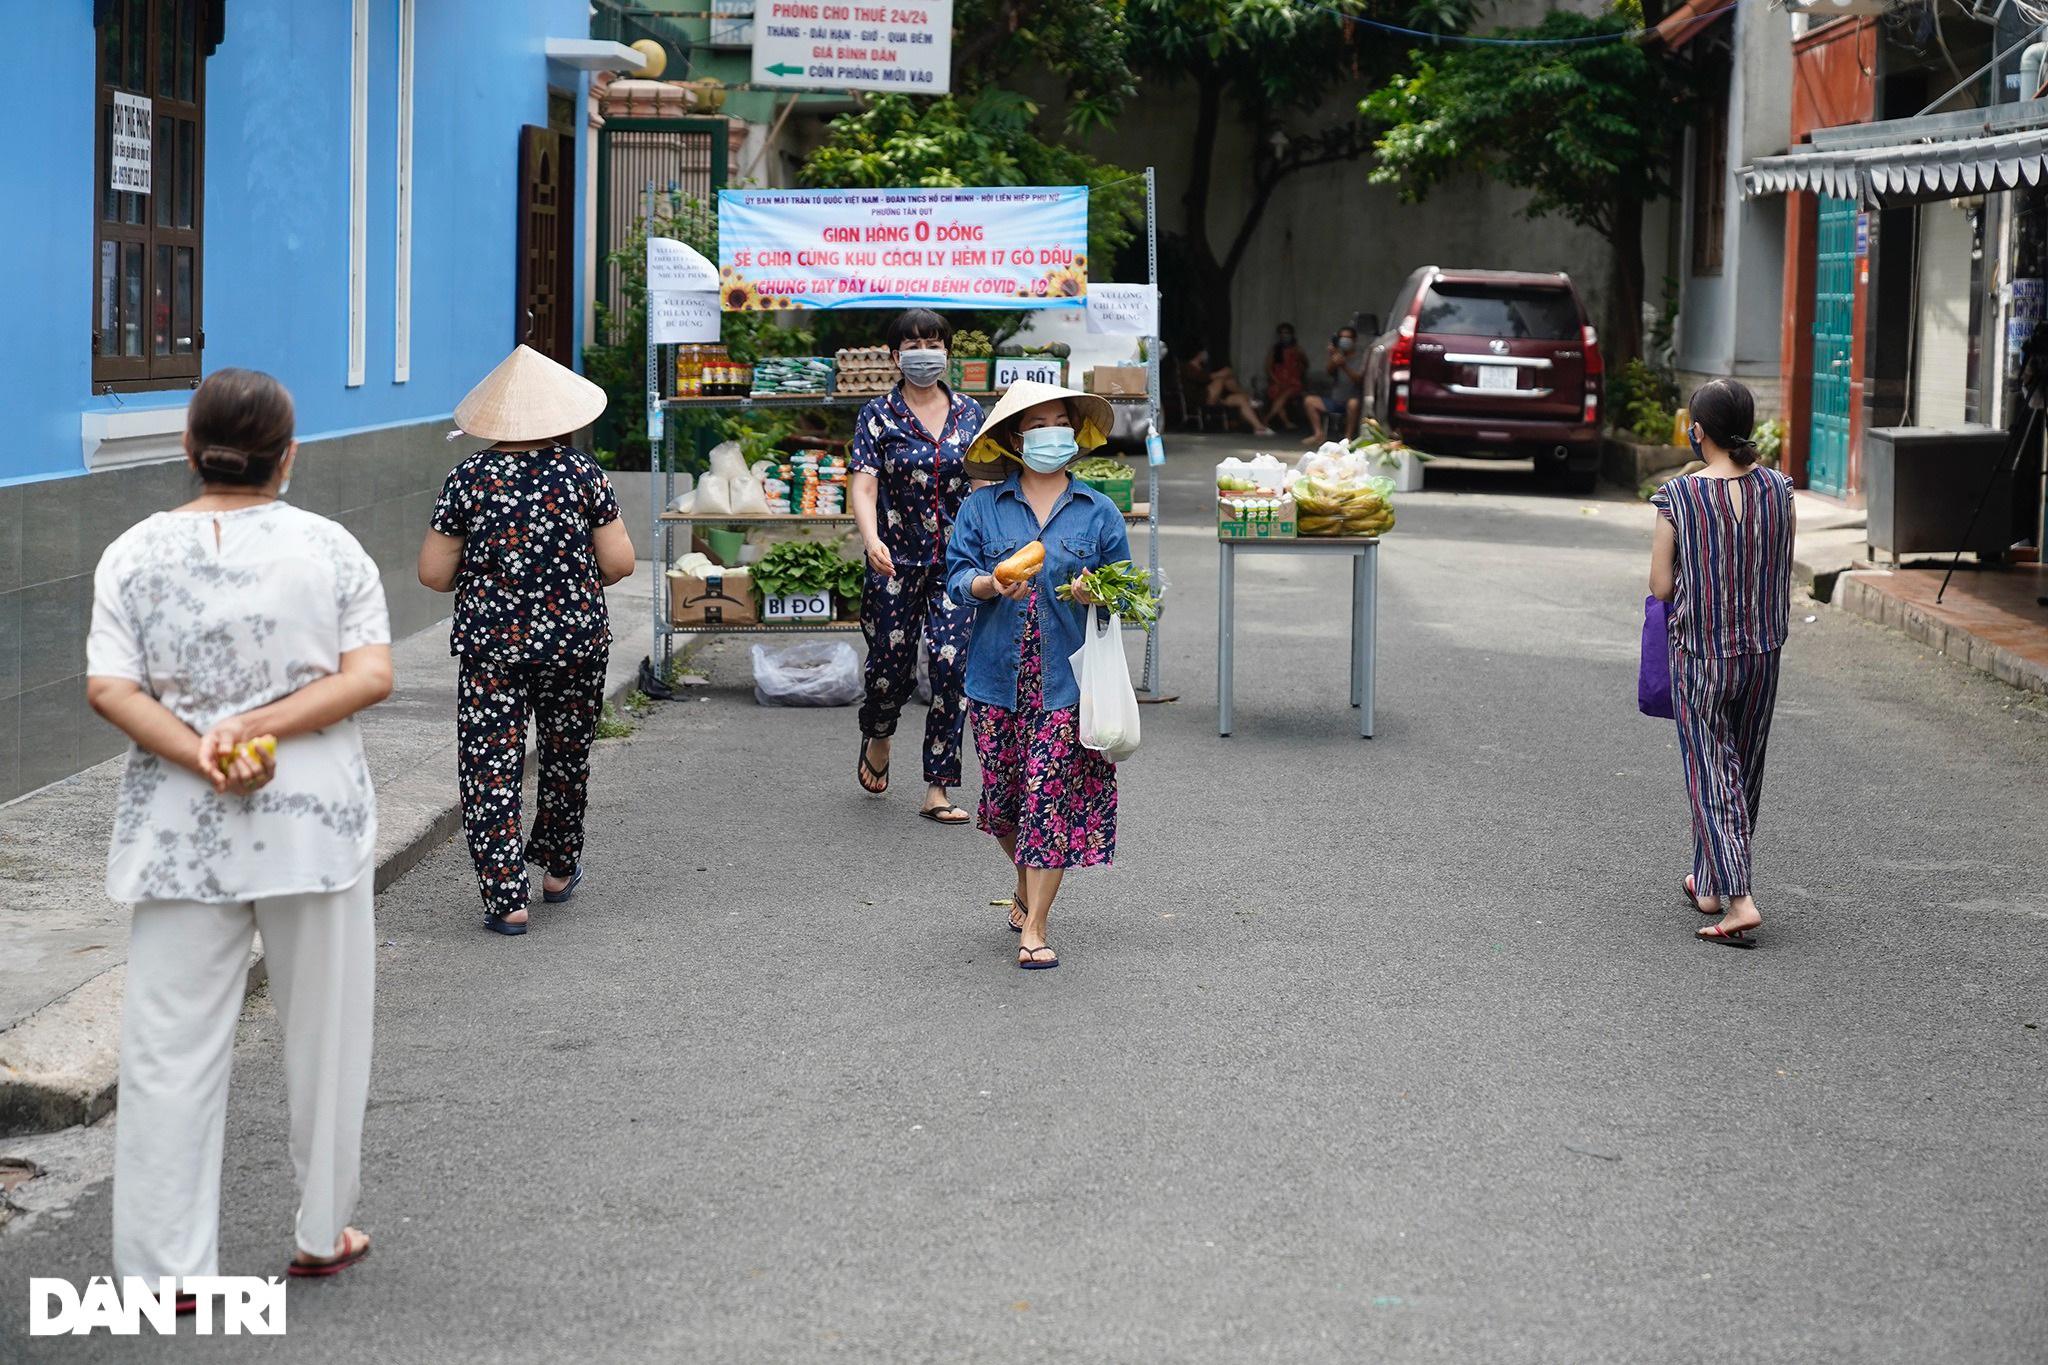 Cận cảnh siêu thị 0 đồng phục vụ người dân trong khu cách ly ở TPHCM - 6